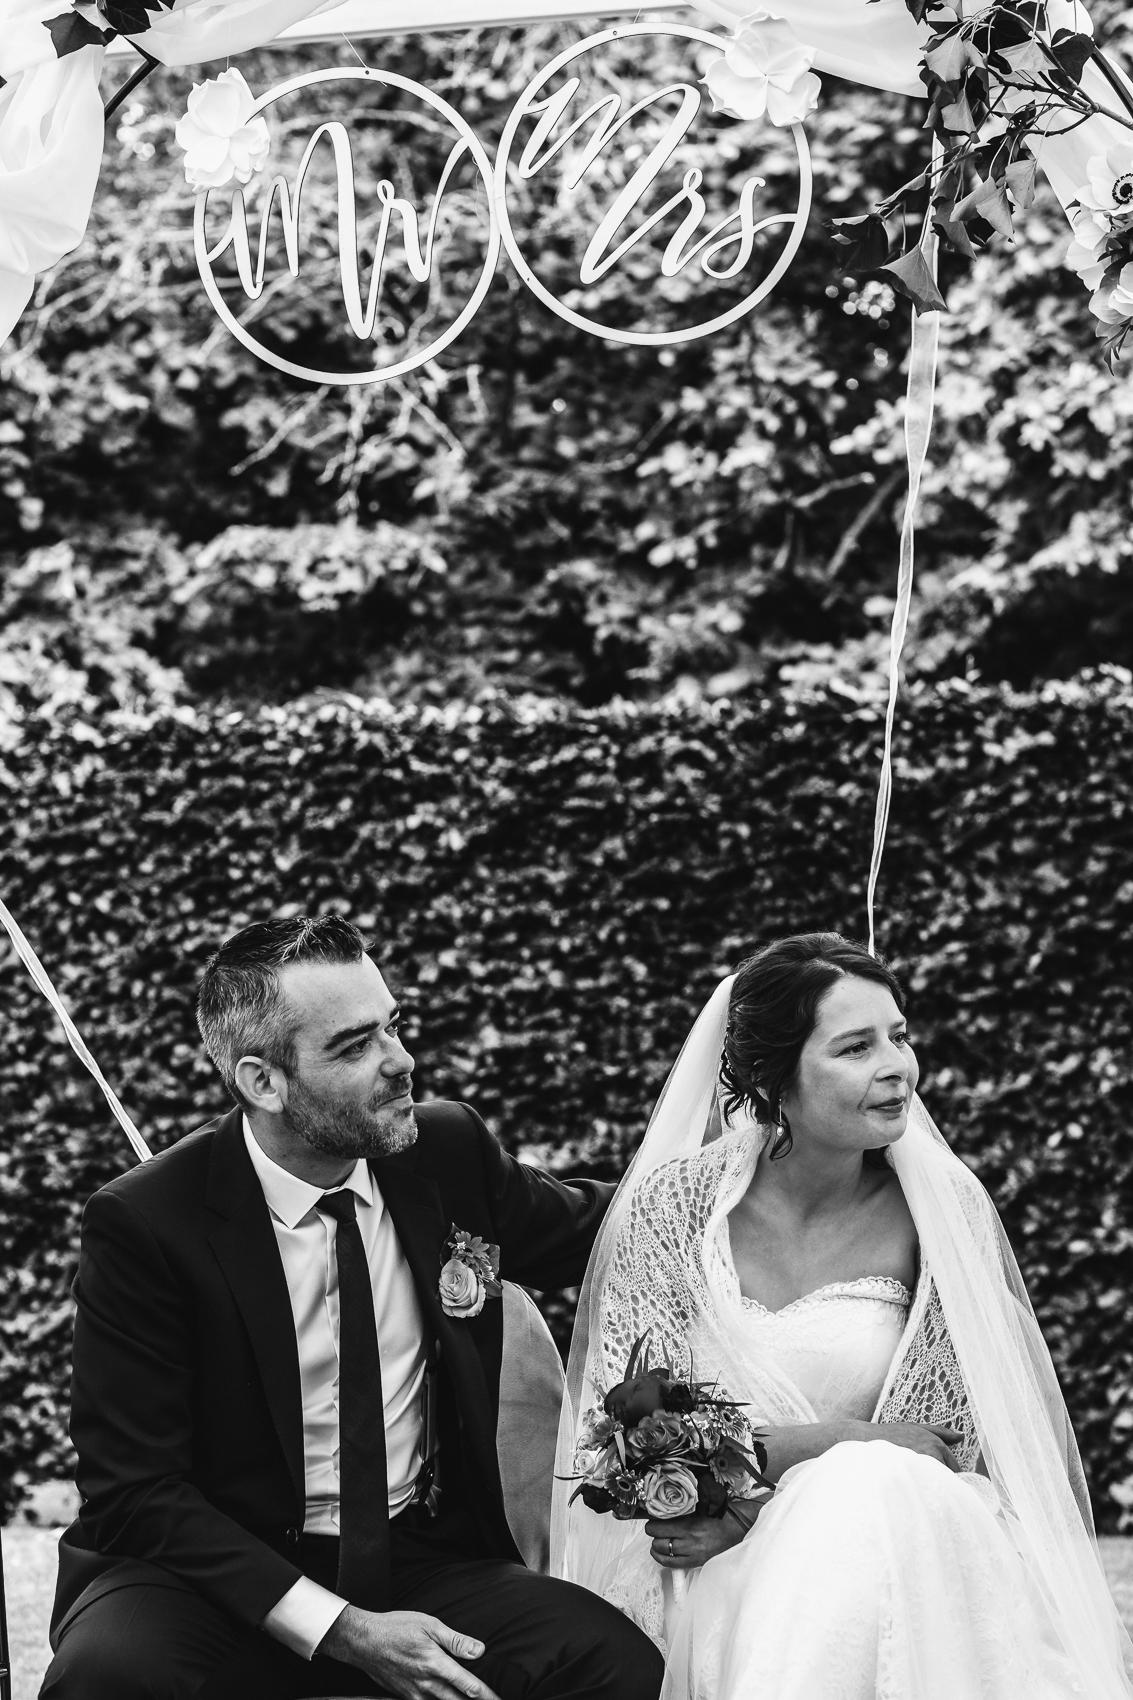 iso800 - huwelijksfotograaf katrien bart park west antwerpen-14.jpg